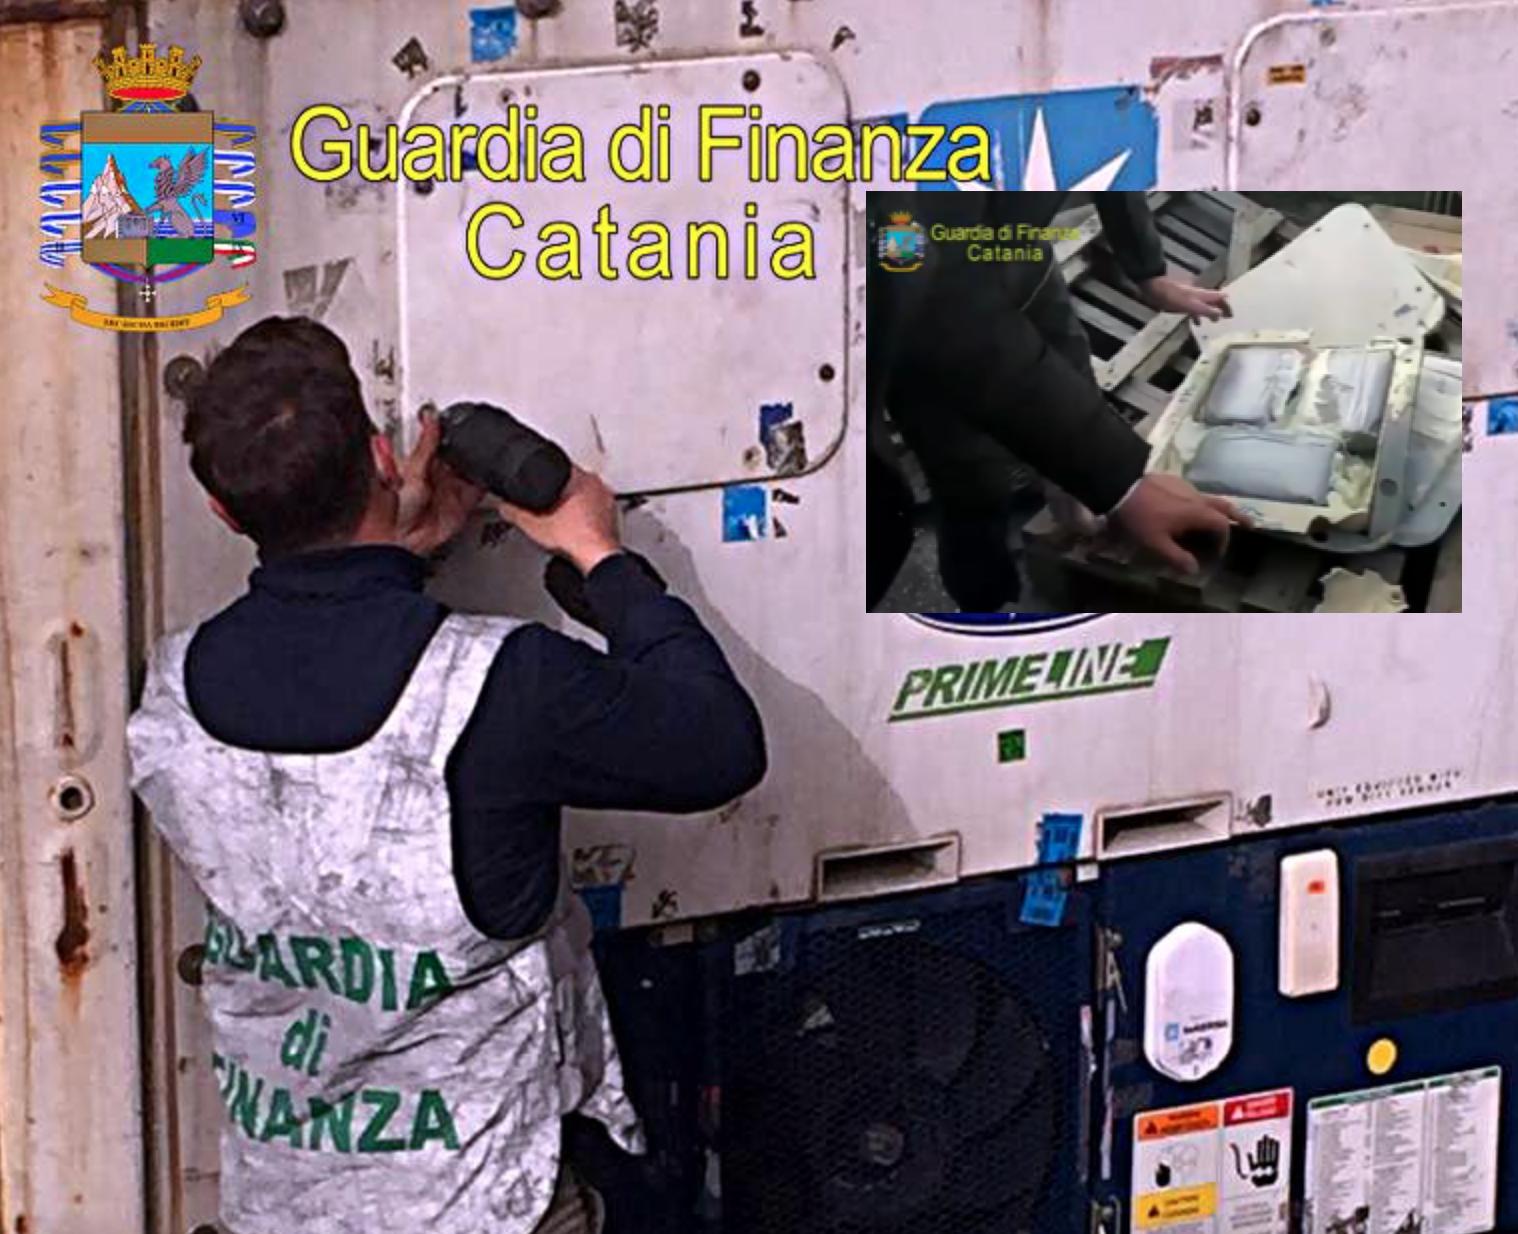 Cocaina insieme alla frutta esotica, sequestrati 7 chili al porto di Catania